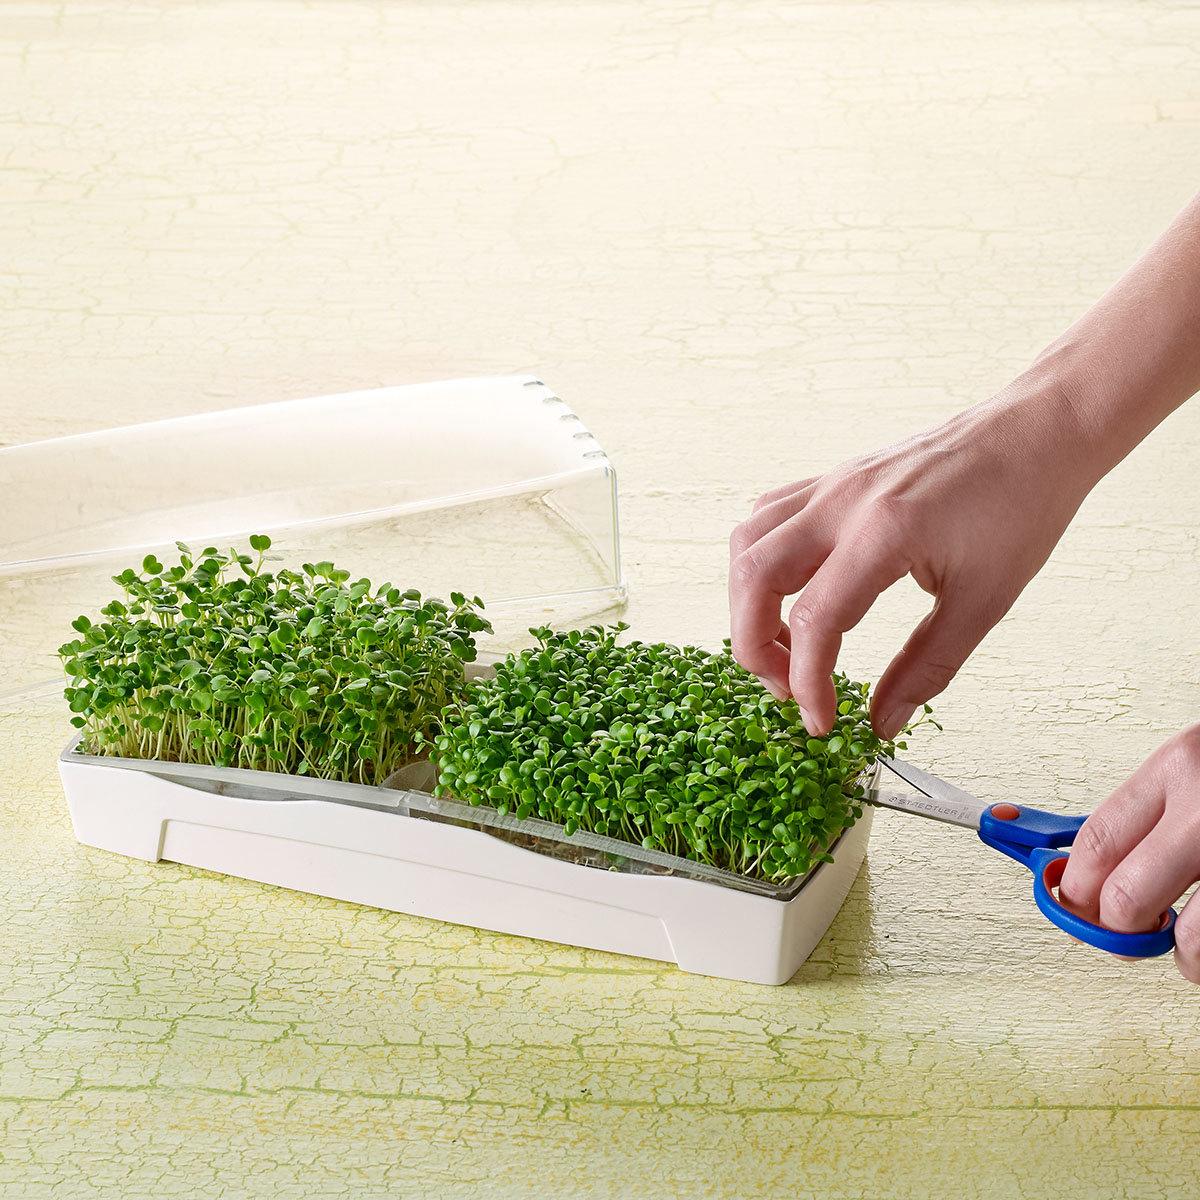 BIO Kresse Nachfüllpads für MicroGreen Duo-Garden, 3 Stück   #3